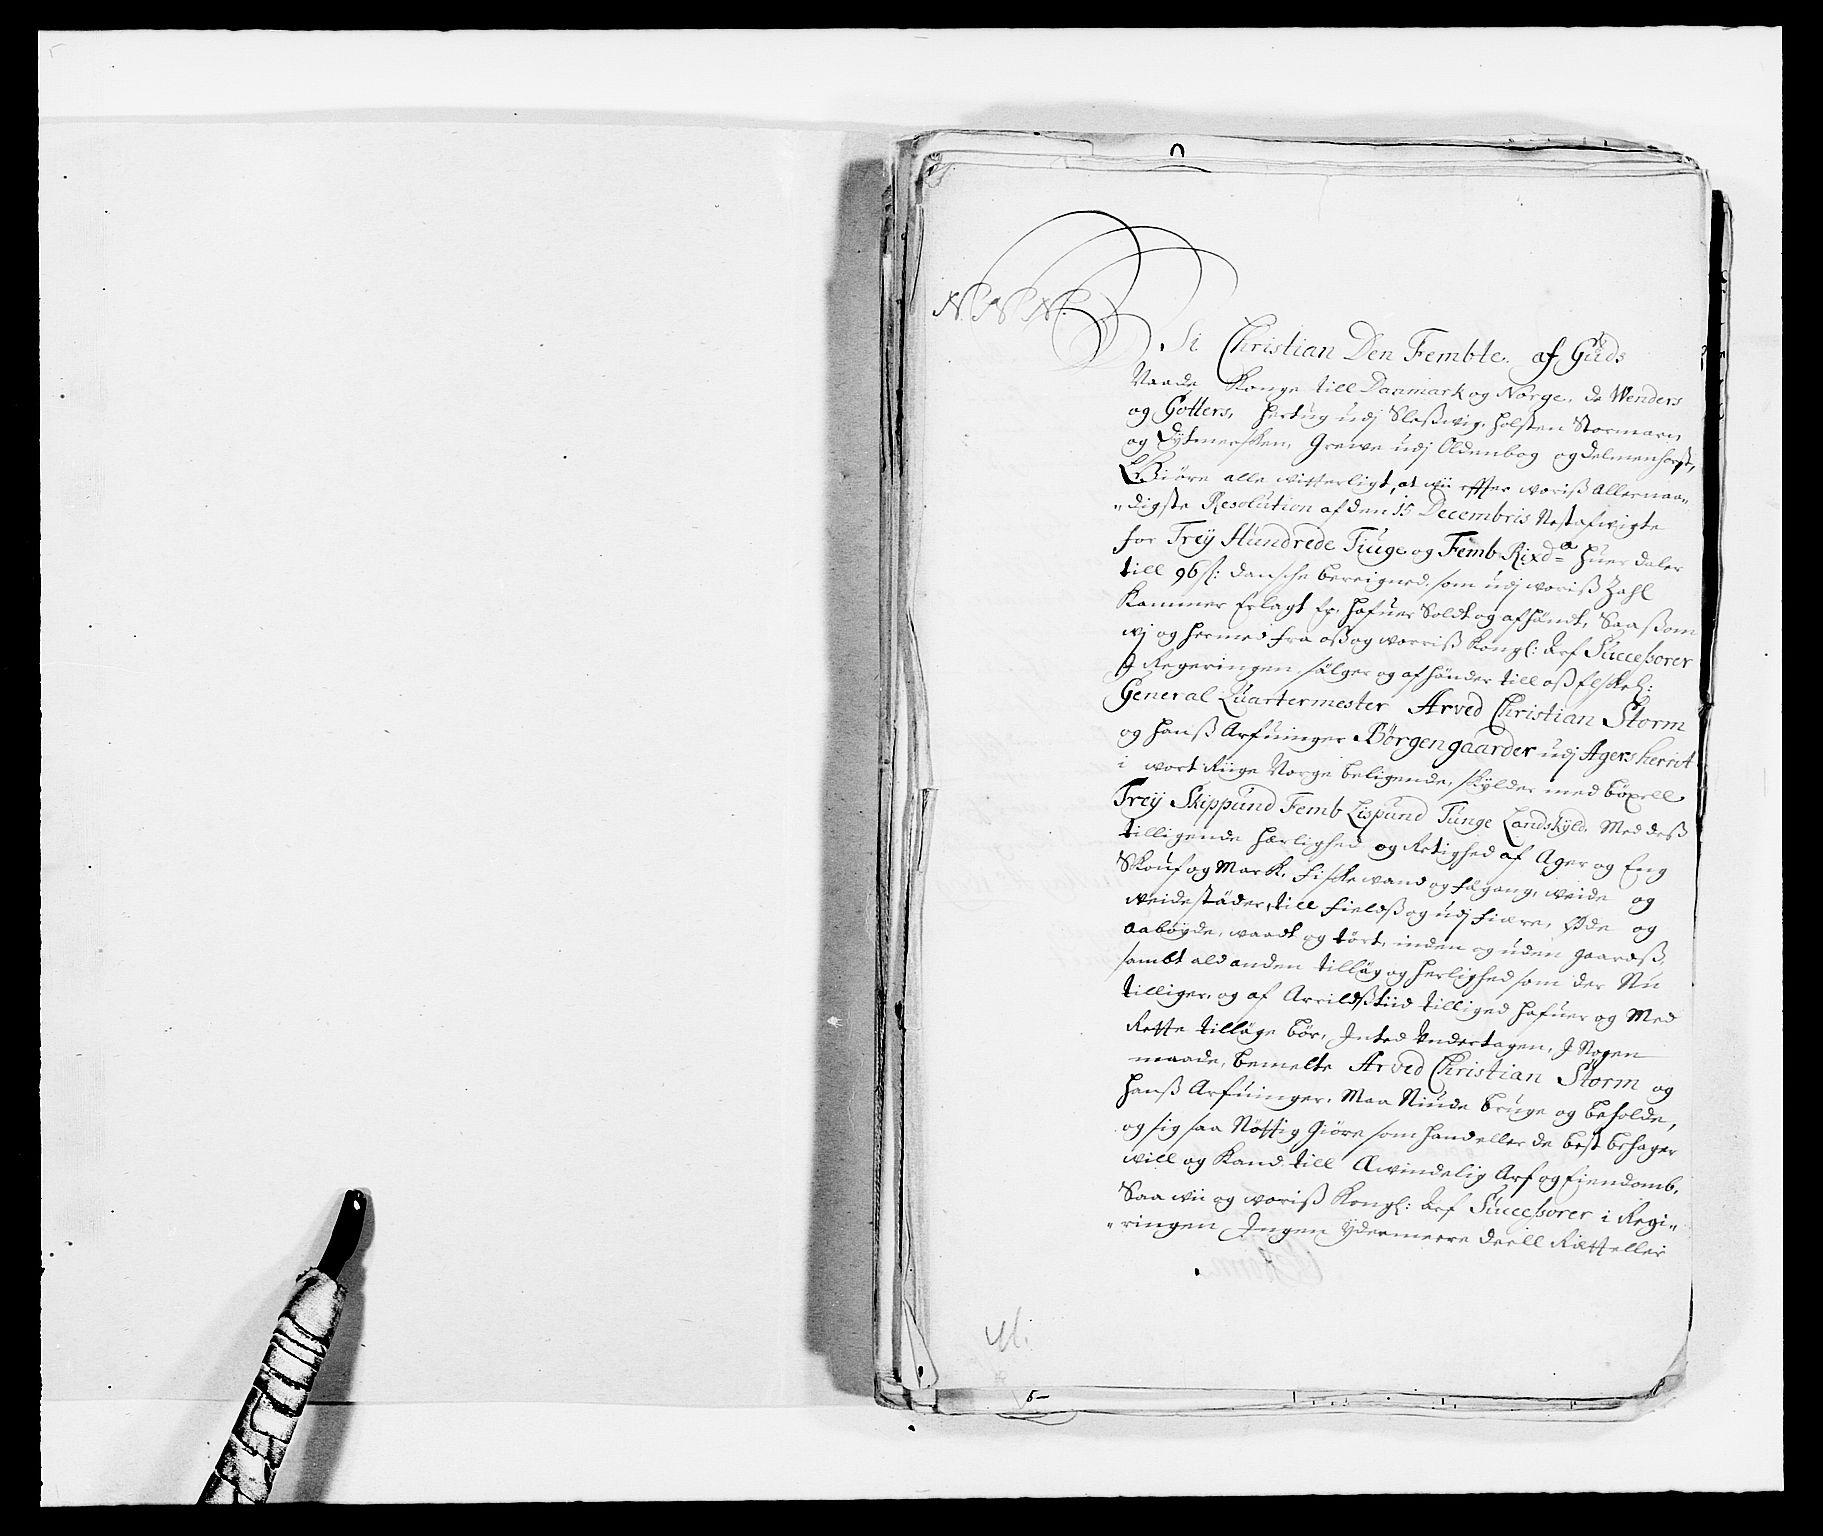 RA, Rentekammeret inntil 1814, Reviderte regnskaper, Fogderegnskap, R08/L0423: Fogderegnskap Aker, 1687-1689, s. 16